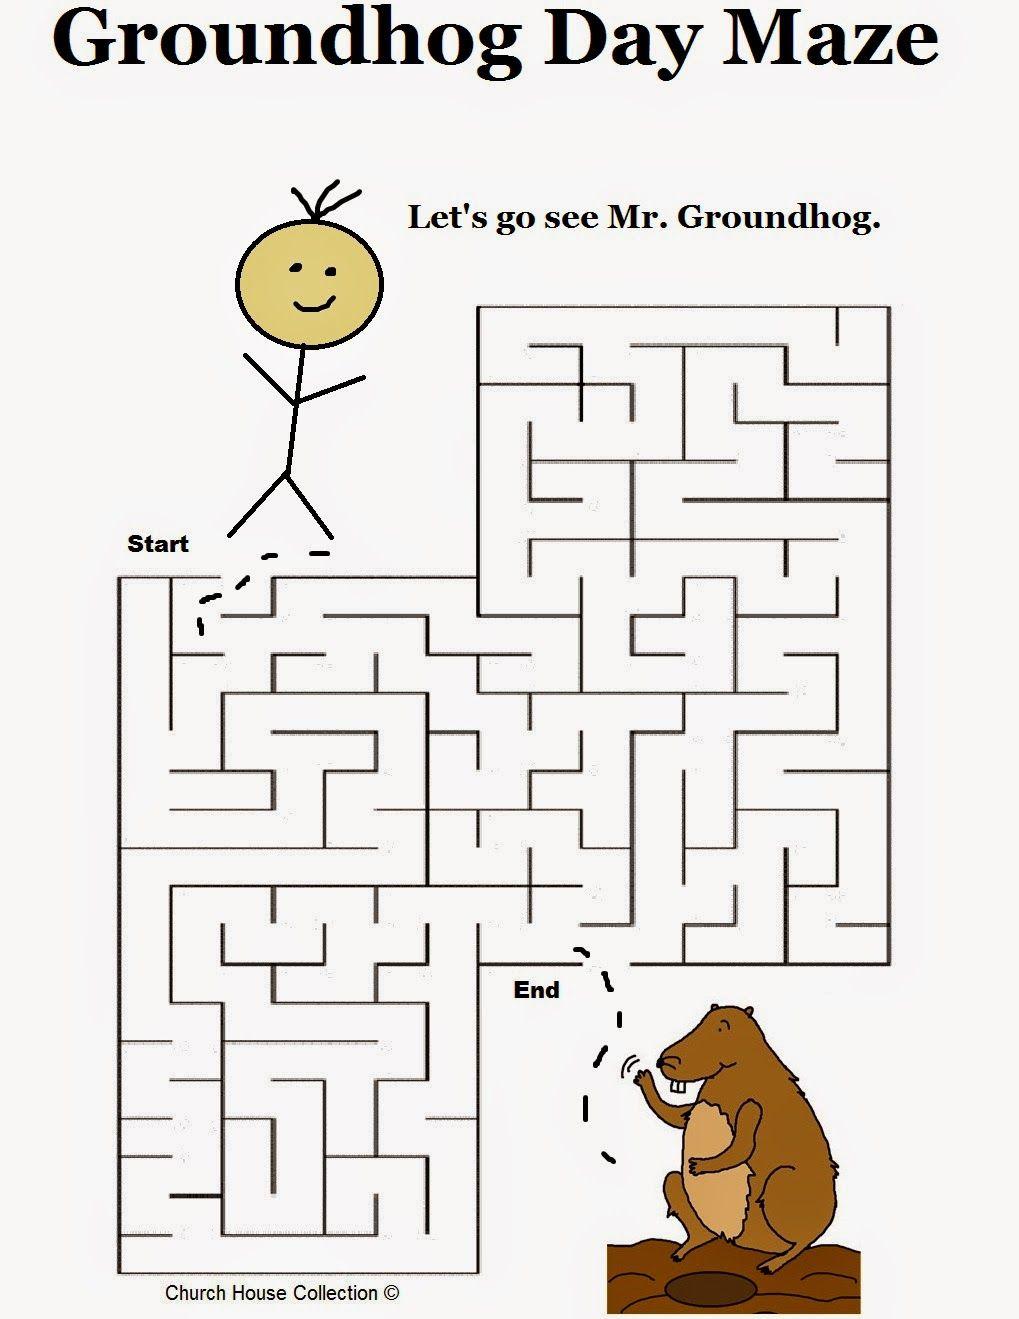 Groundhog Day Activities For Preschool 2 Groundhog Day Happy Groundhog Day Groundhog Day Activities [ 1319 x 1019 Pixel ]